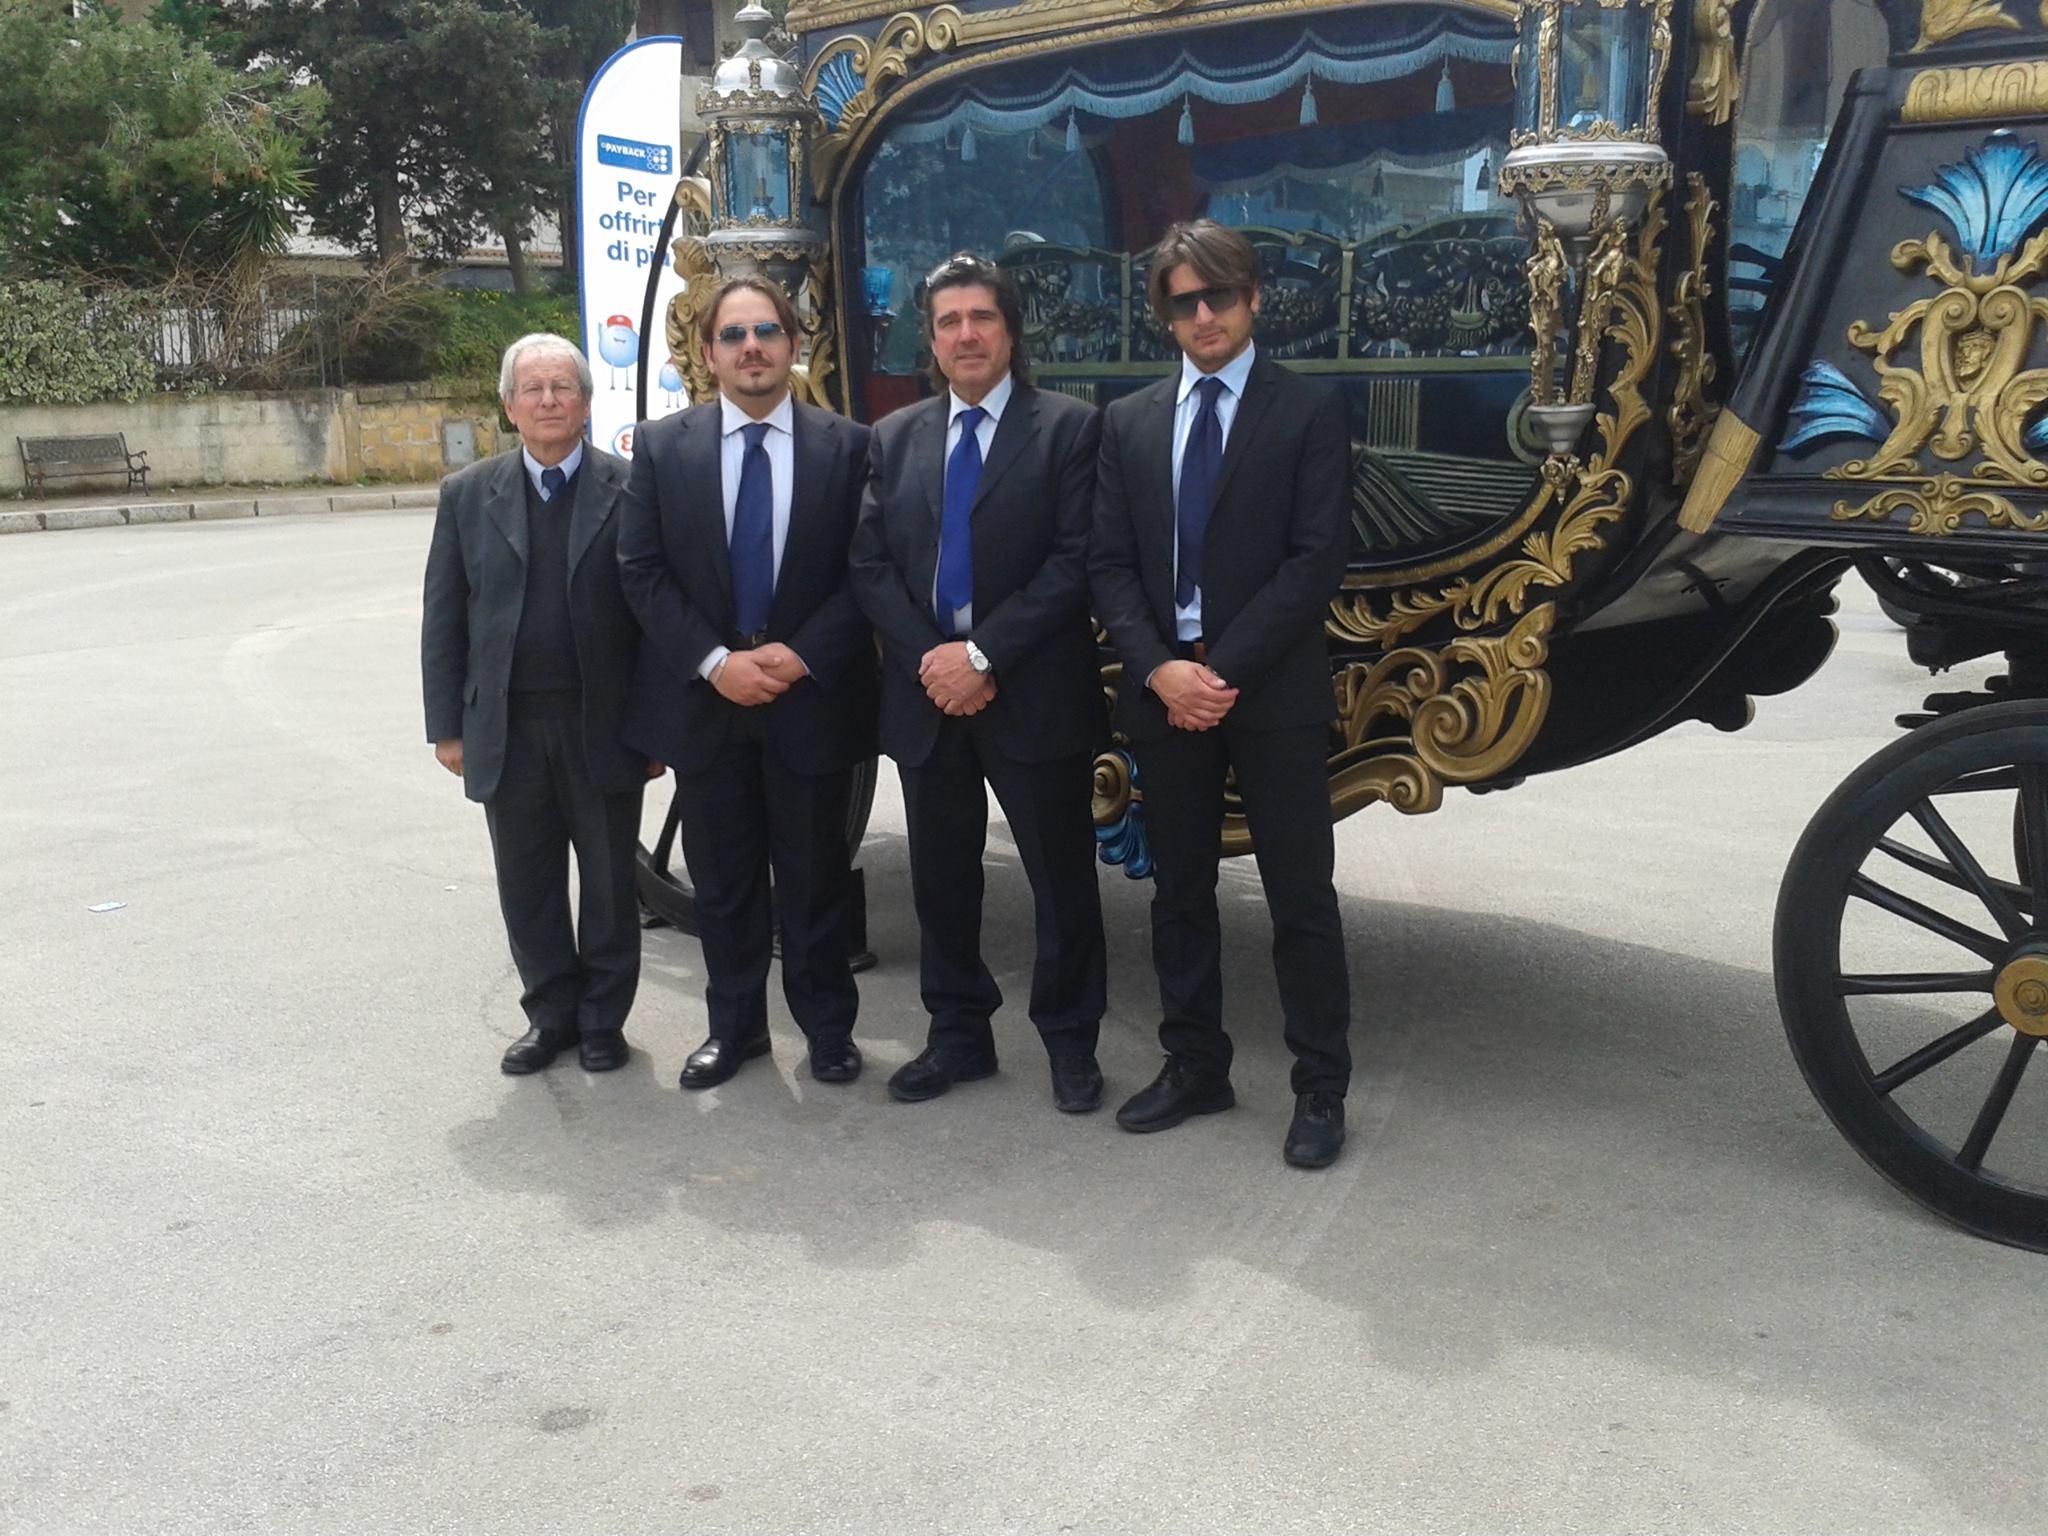 tre uomini in giacca e cravatta di fronte a una carrozza